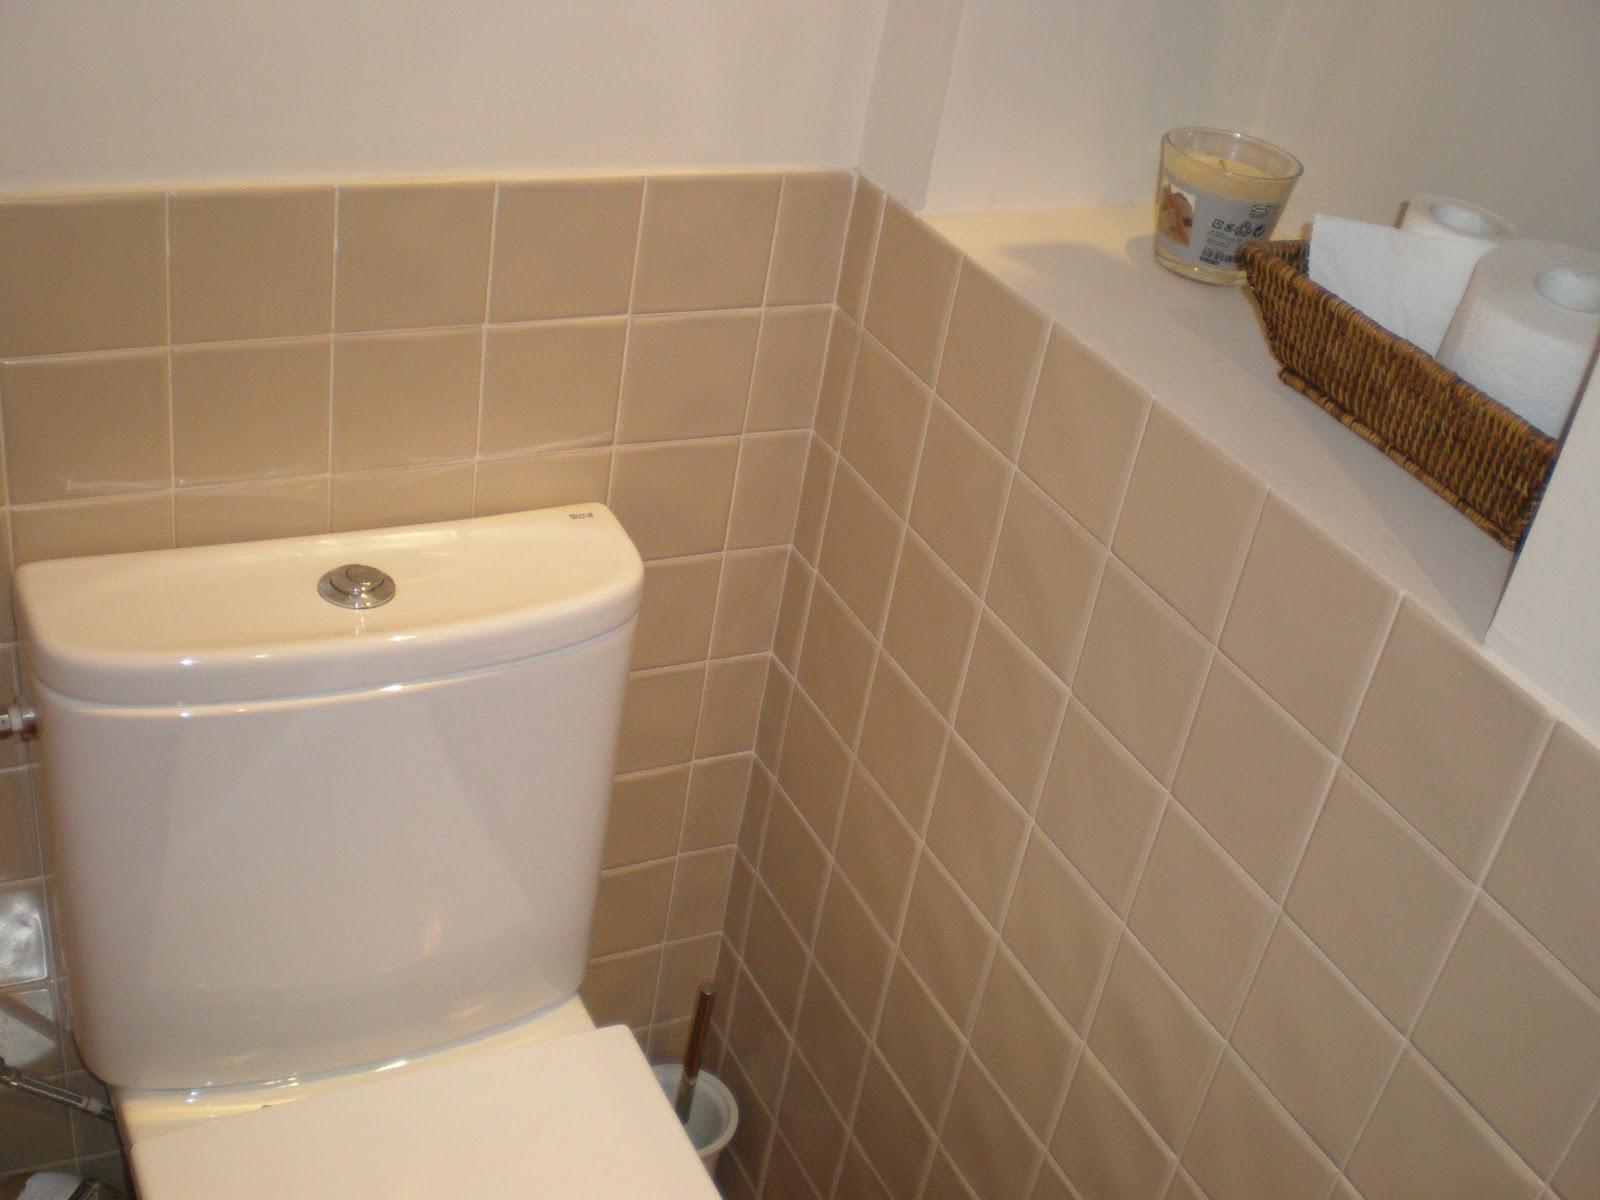 Comprar ofertas platos de ducha muebles sofas spain - Azulejos leroy merlin ofertas ...